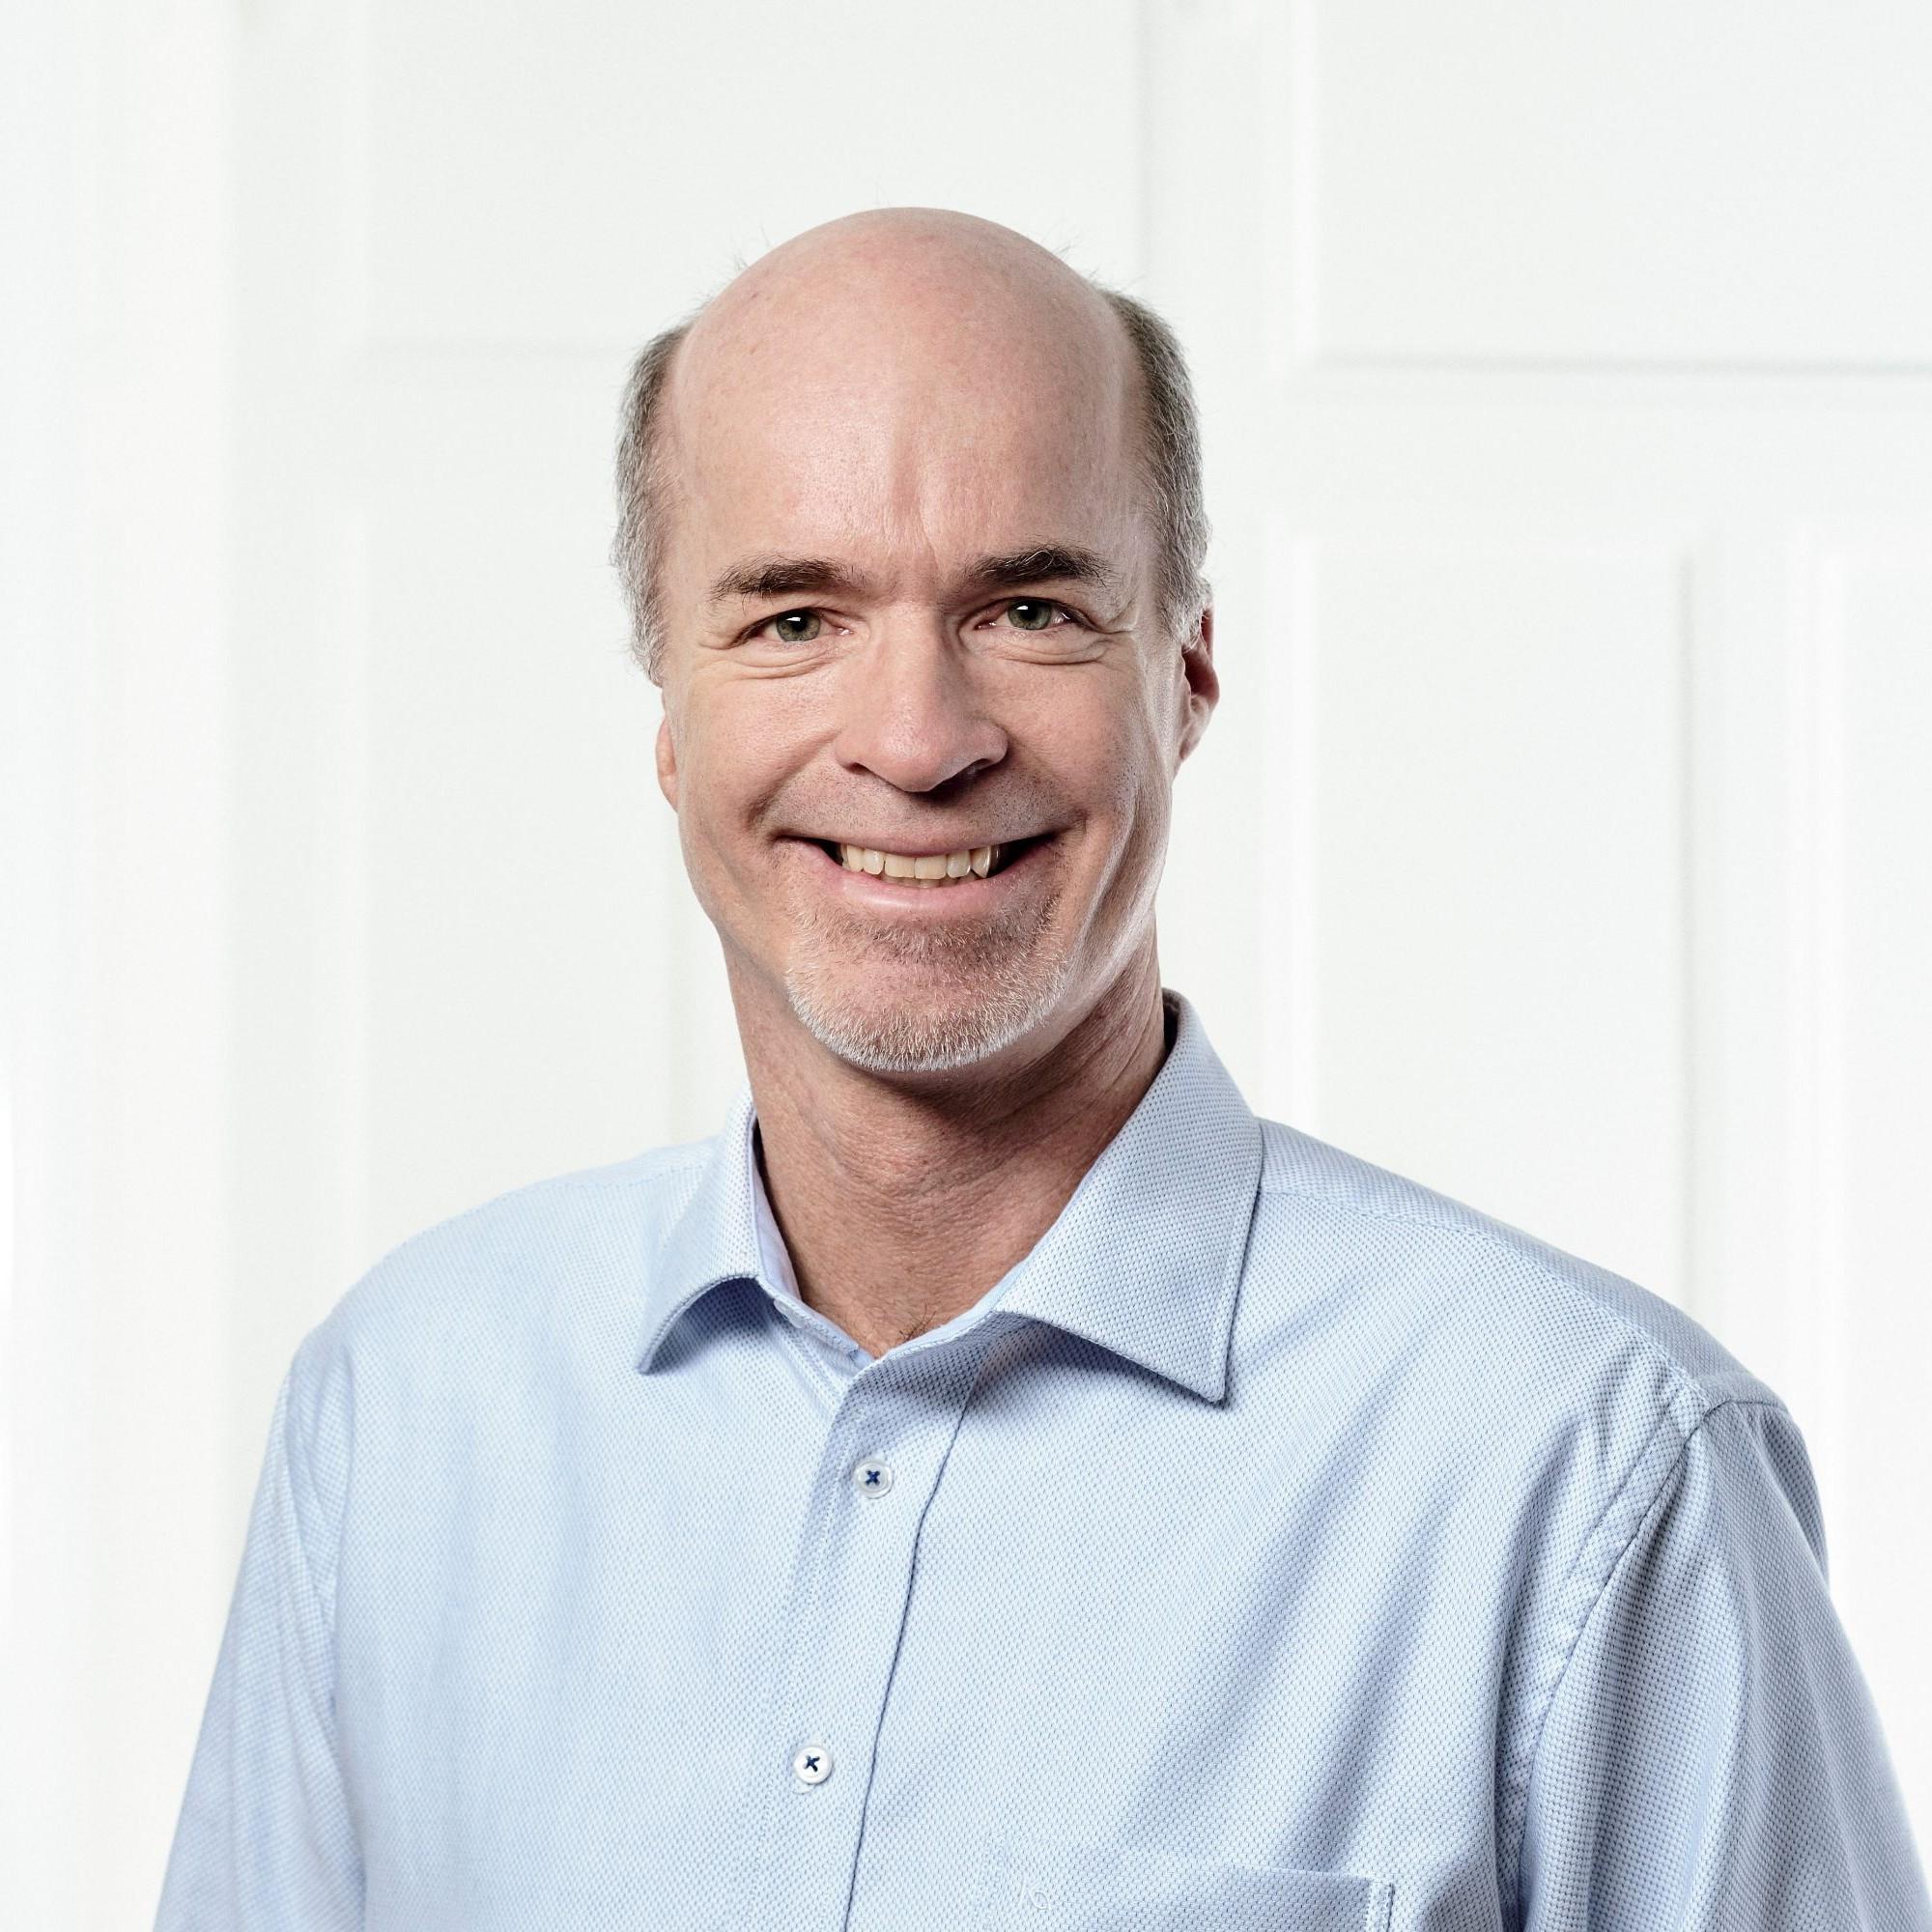 Alex Bukowiecki ist Geschäftsführer des Schweizerischen Verbands Kommunale Infrastruktur (SVKI).